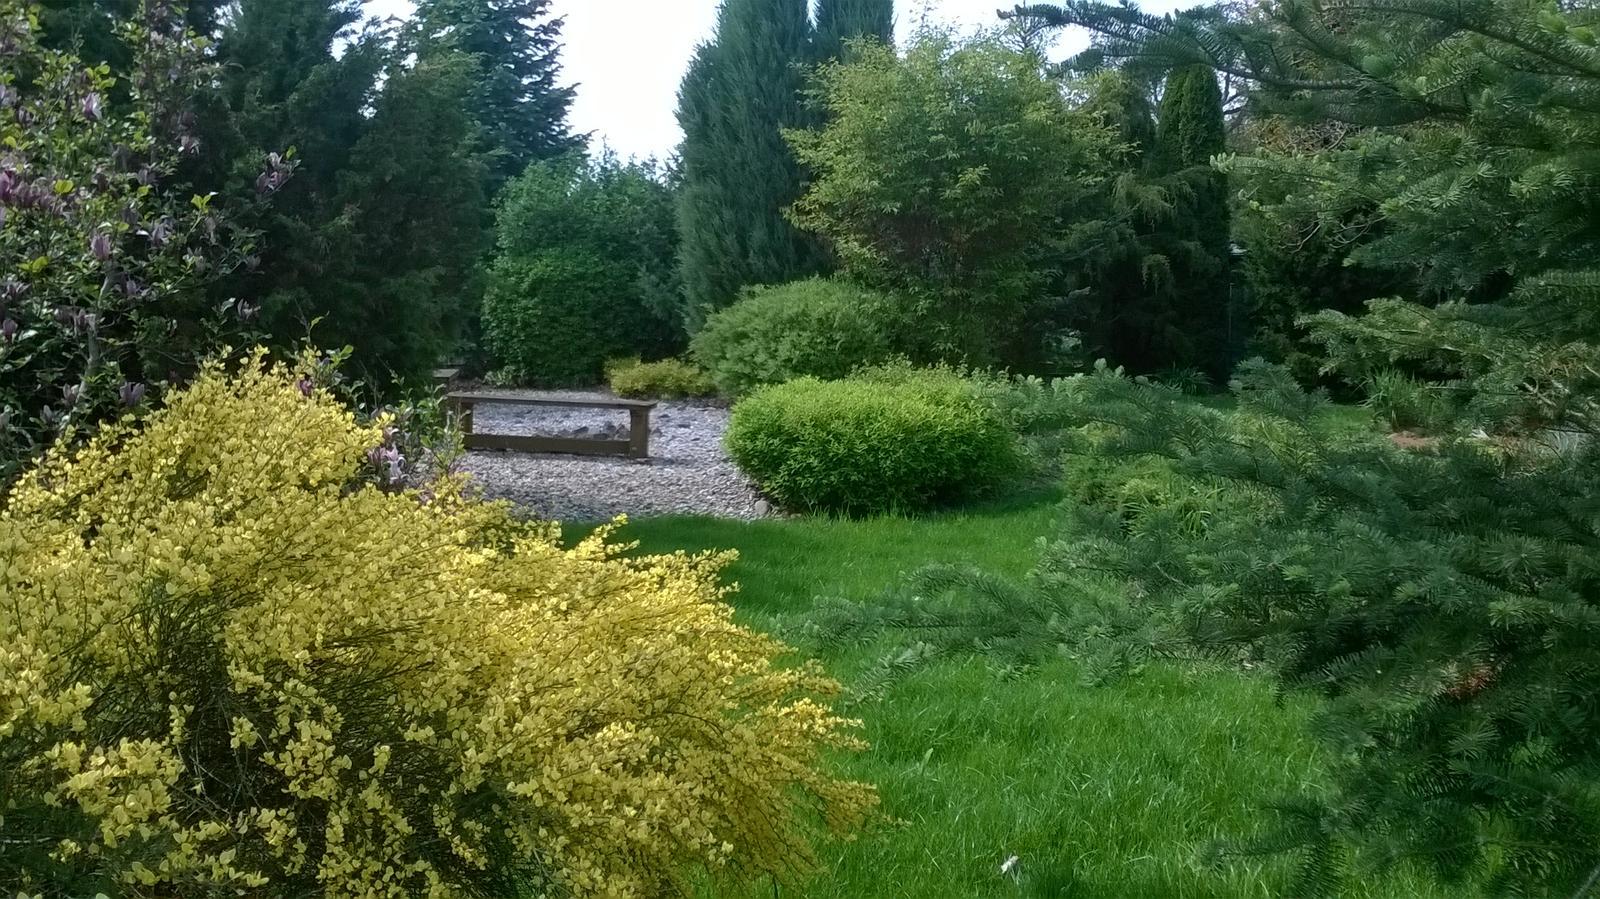 Mé nekonečné inspirace pro zahrádku - Kolem téhle zahrady chodím a prostě ji miluju. Je záhadná, překvapivá, přírodní a zároveň upravená. Nikdy nevíte, co Vás čeká na dalším kroku. Je opravdu zábavná.